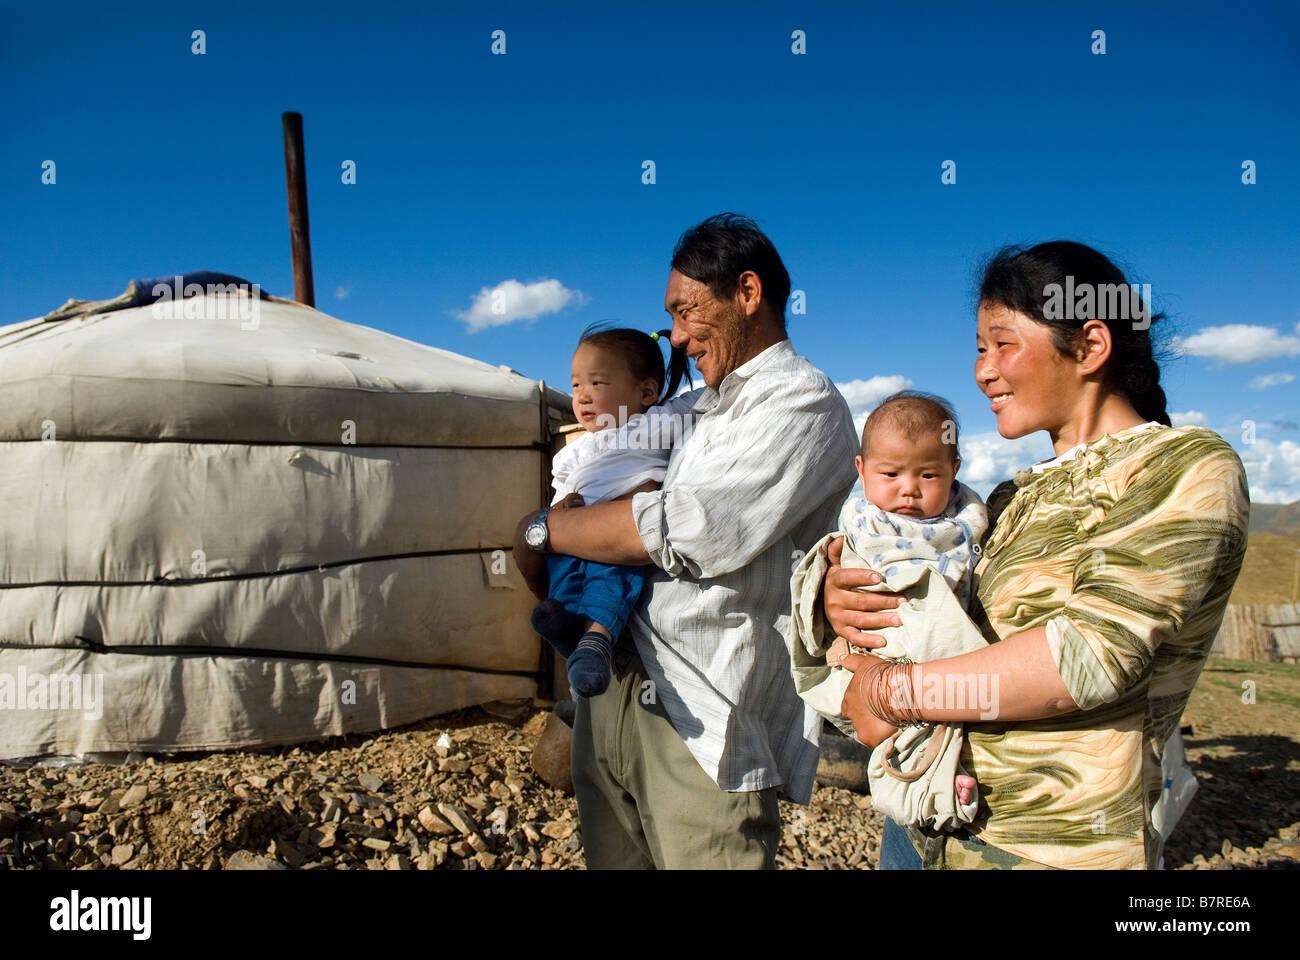 Familia mongólica Imagen De Stock